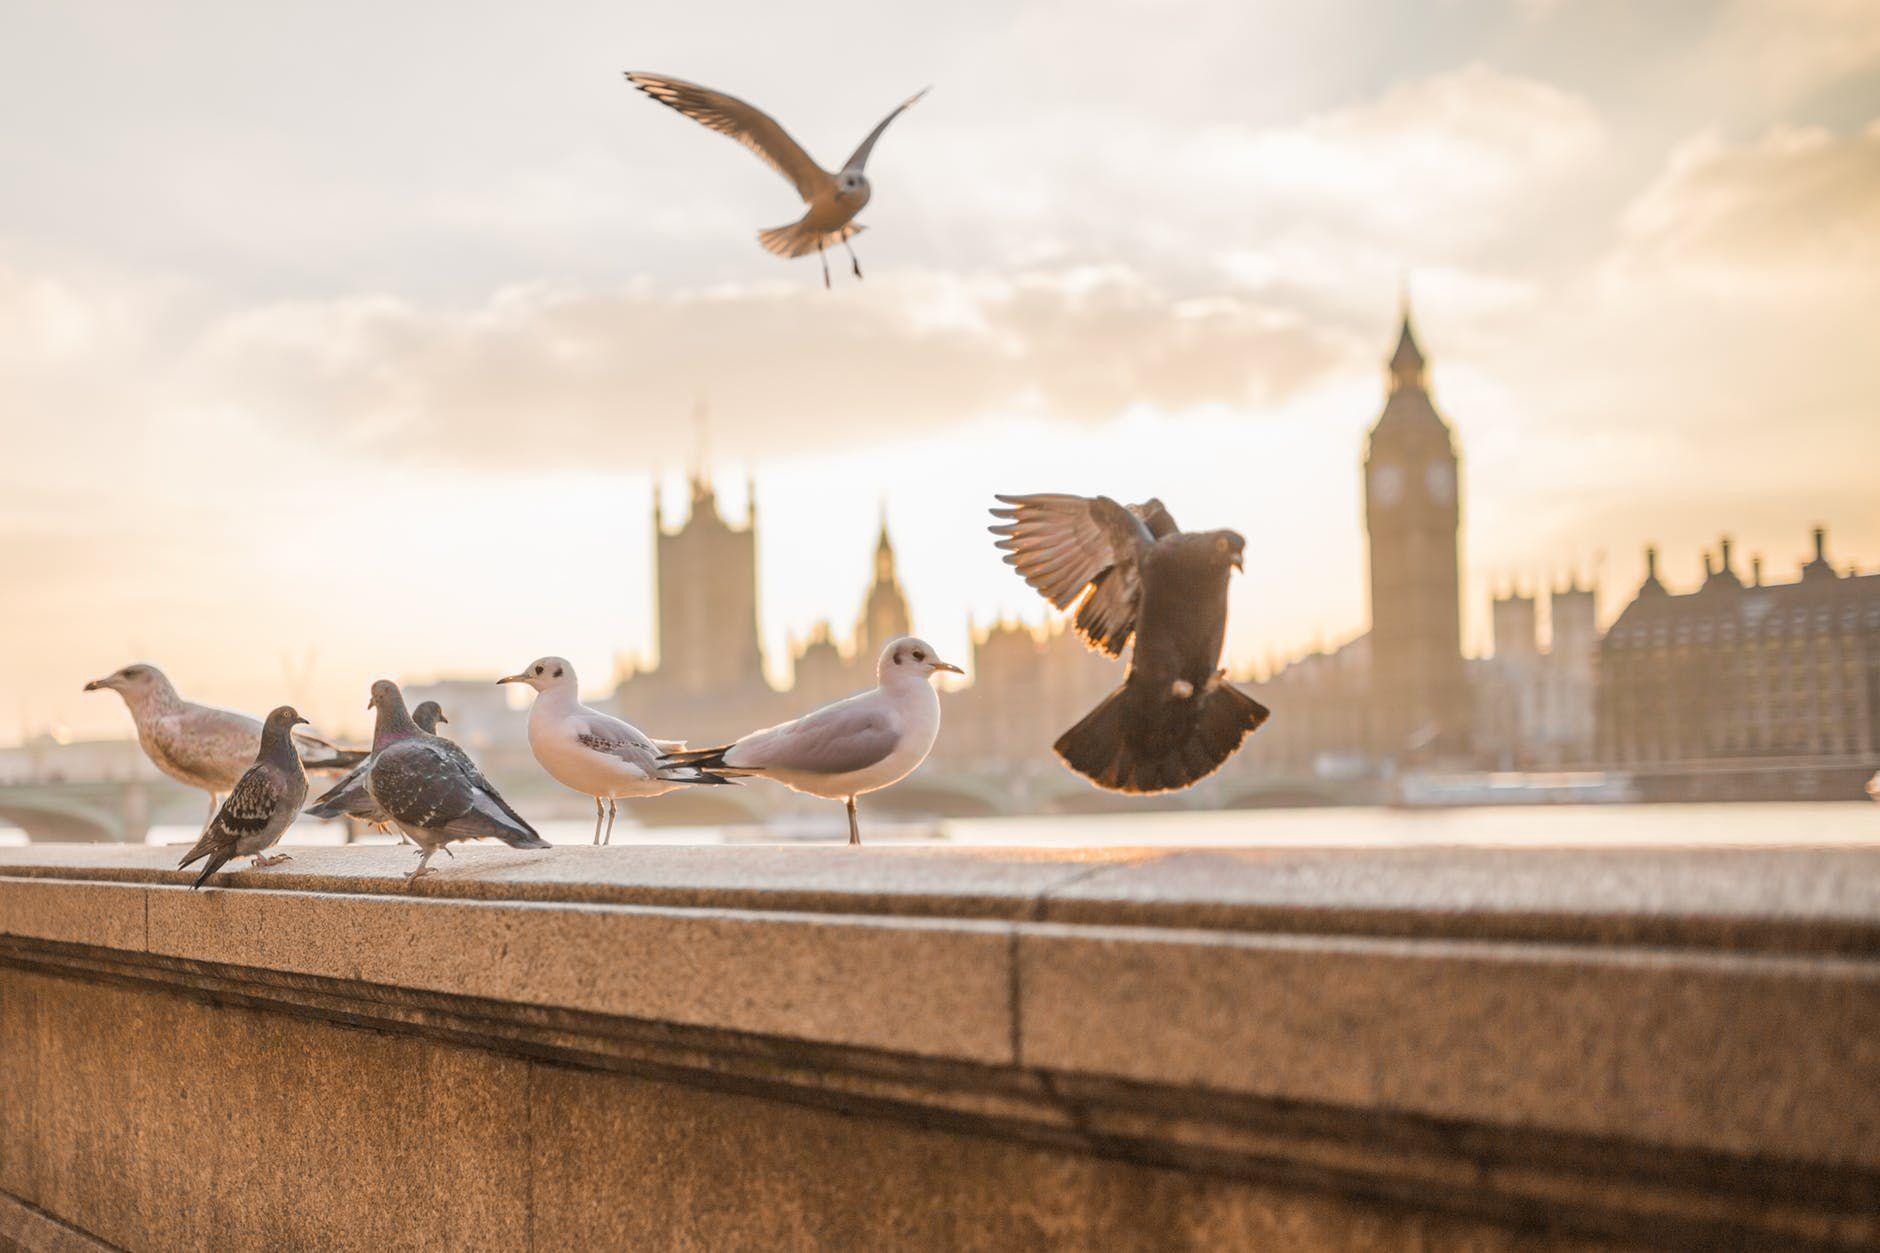 صور حمام طيور جميلة اجمل خلفيات طيور جارحة طيور جميلة 2